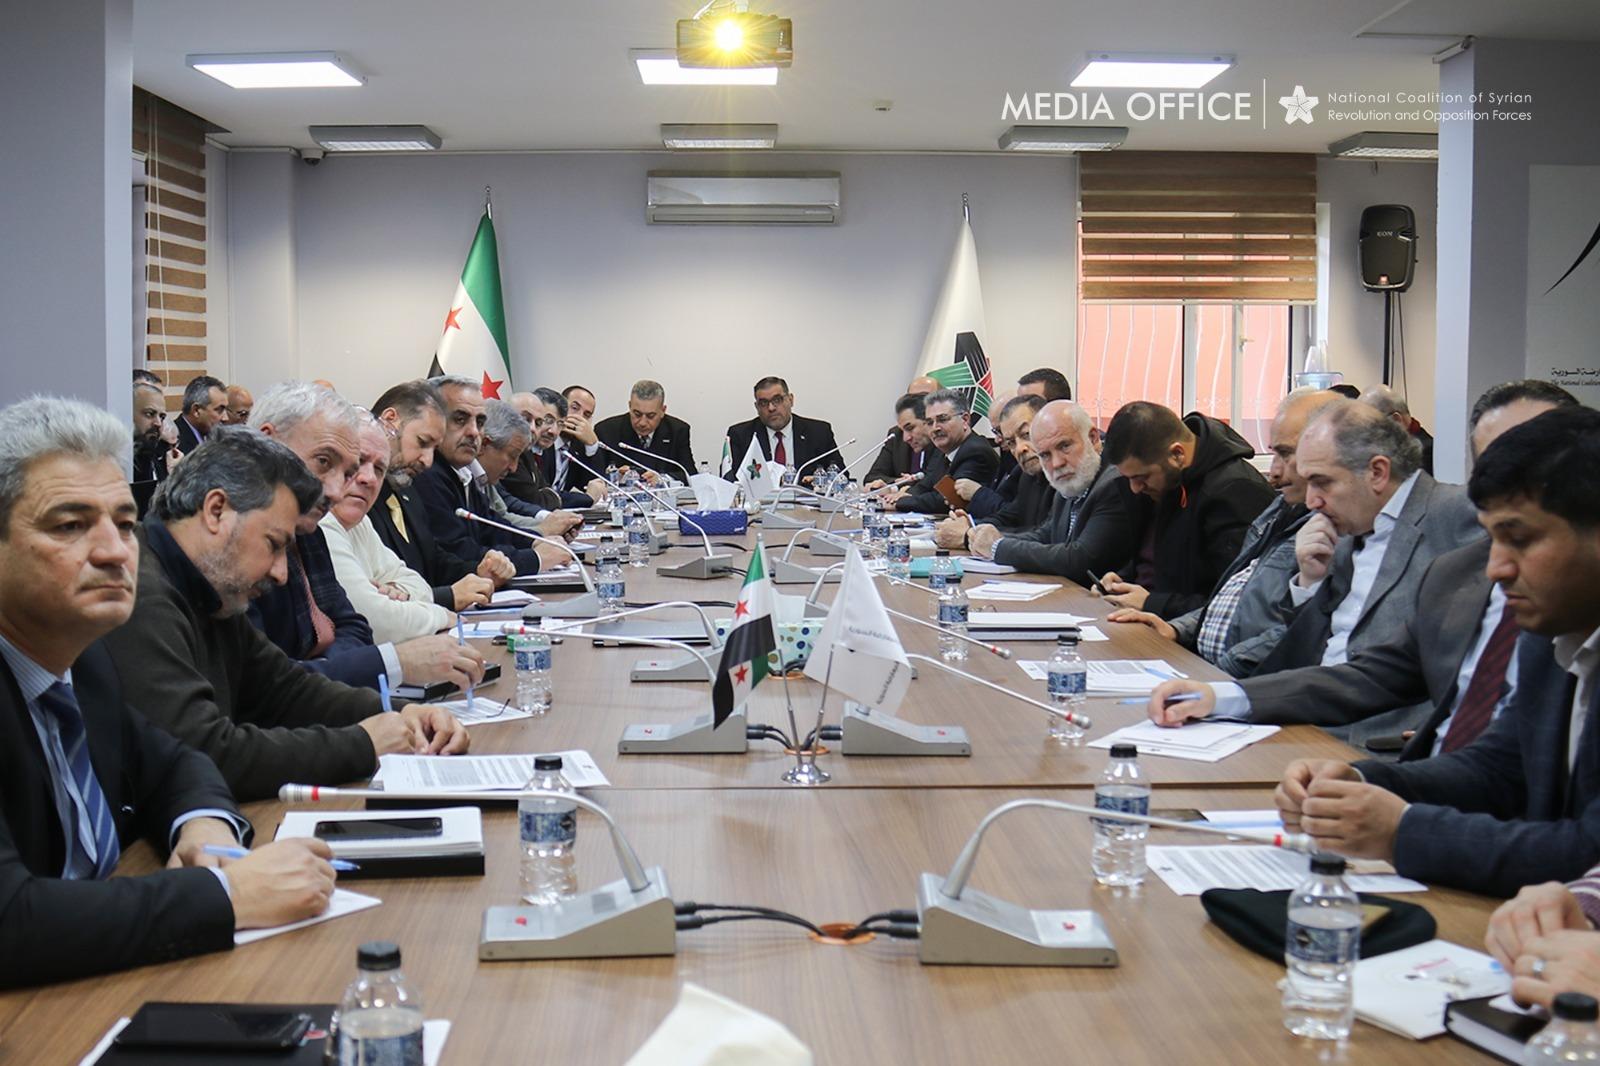 انطلاق اجتماعات الهيئة العامة للائتلاف الوطني والتركيز على الوضع الإنساني والعسكري في إدلب